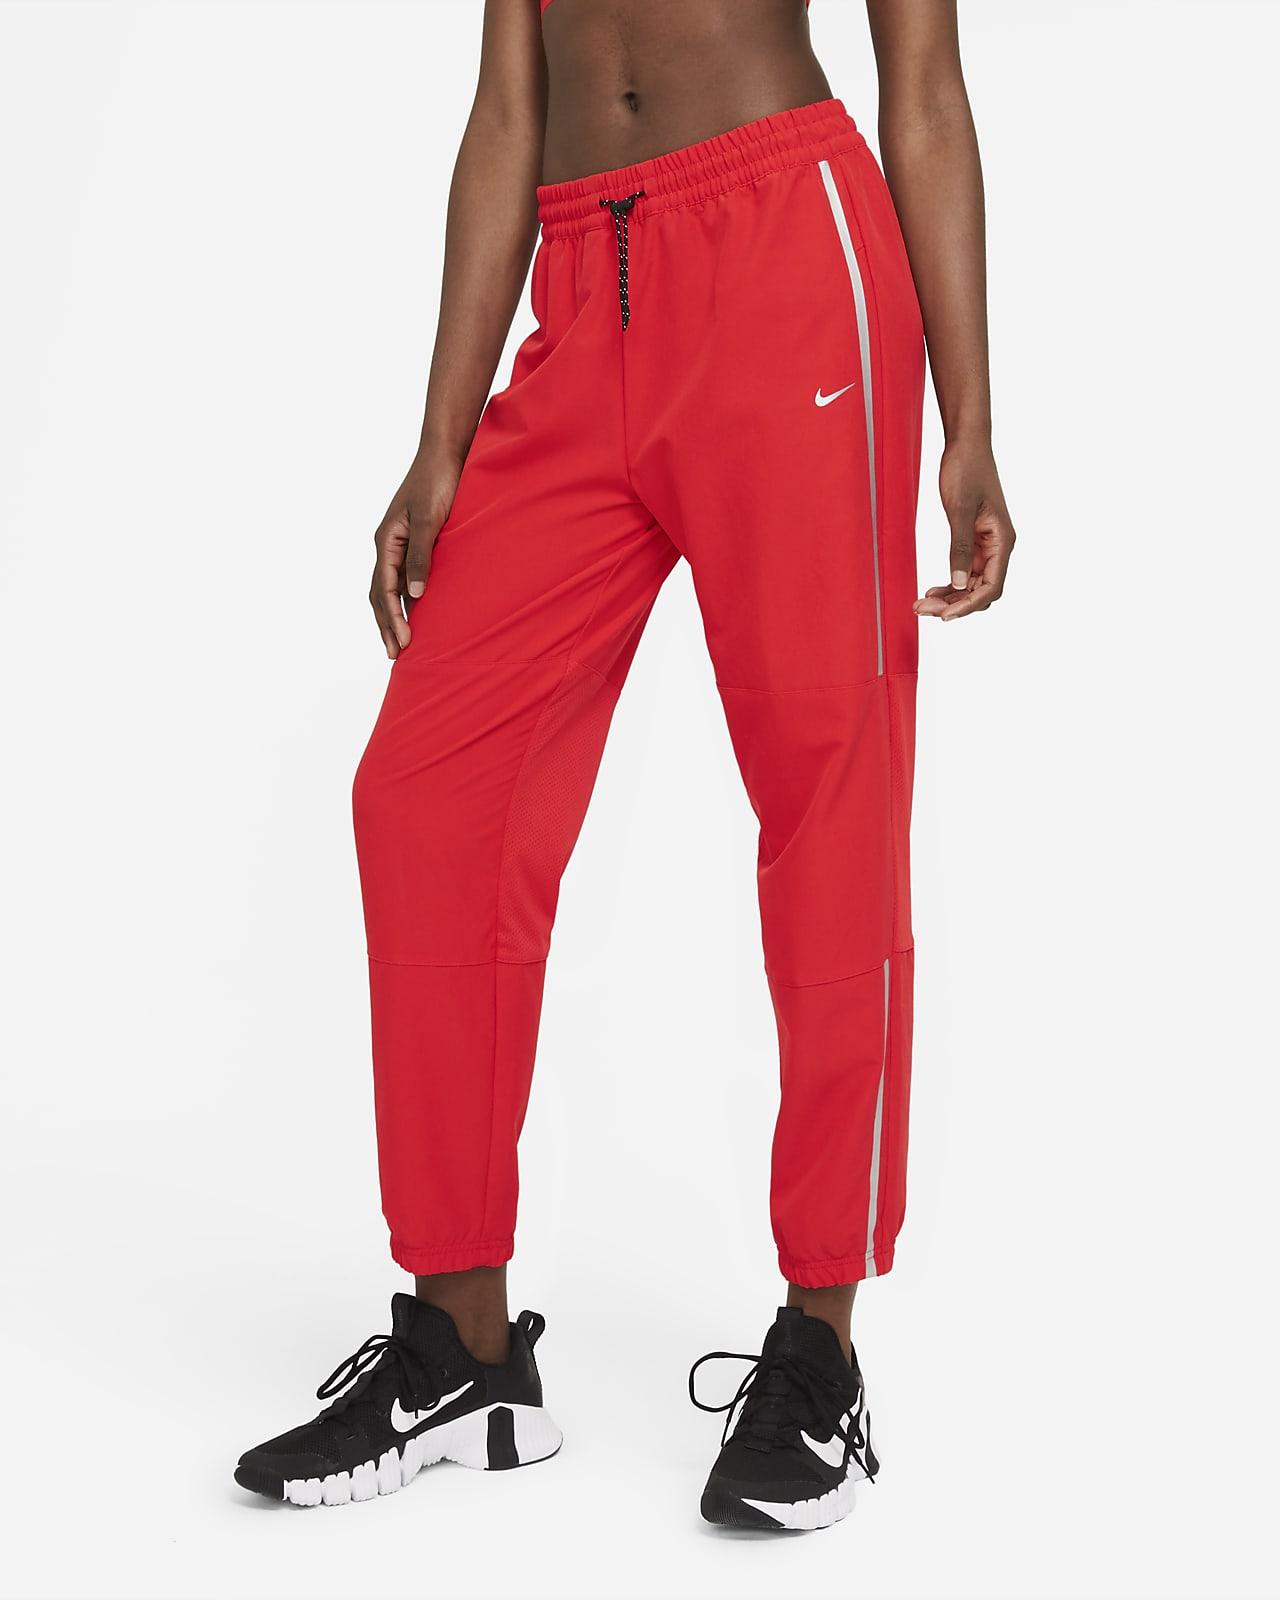 Vävda byxor Nike Pro för kvinnor